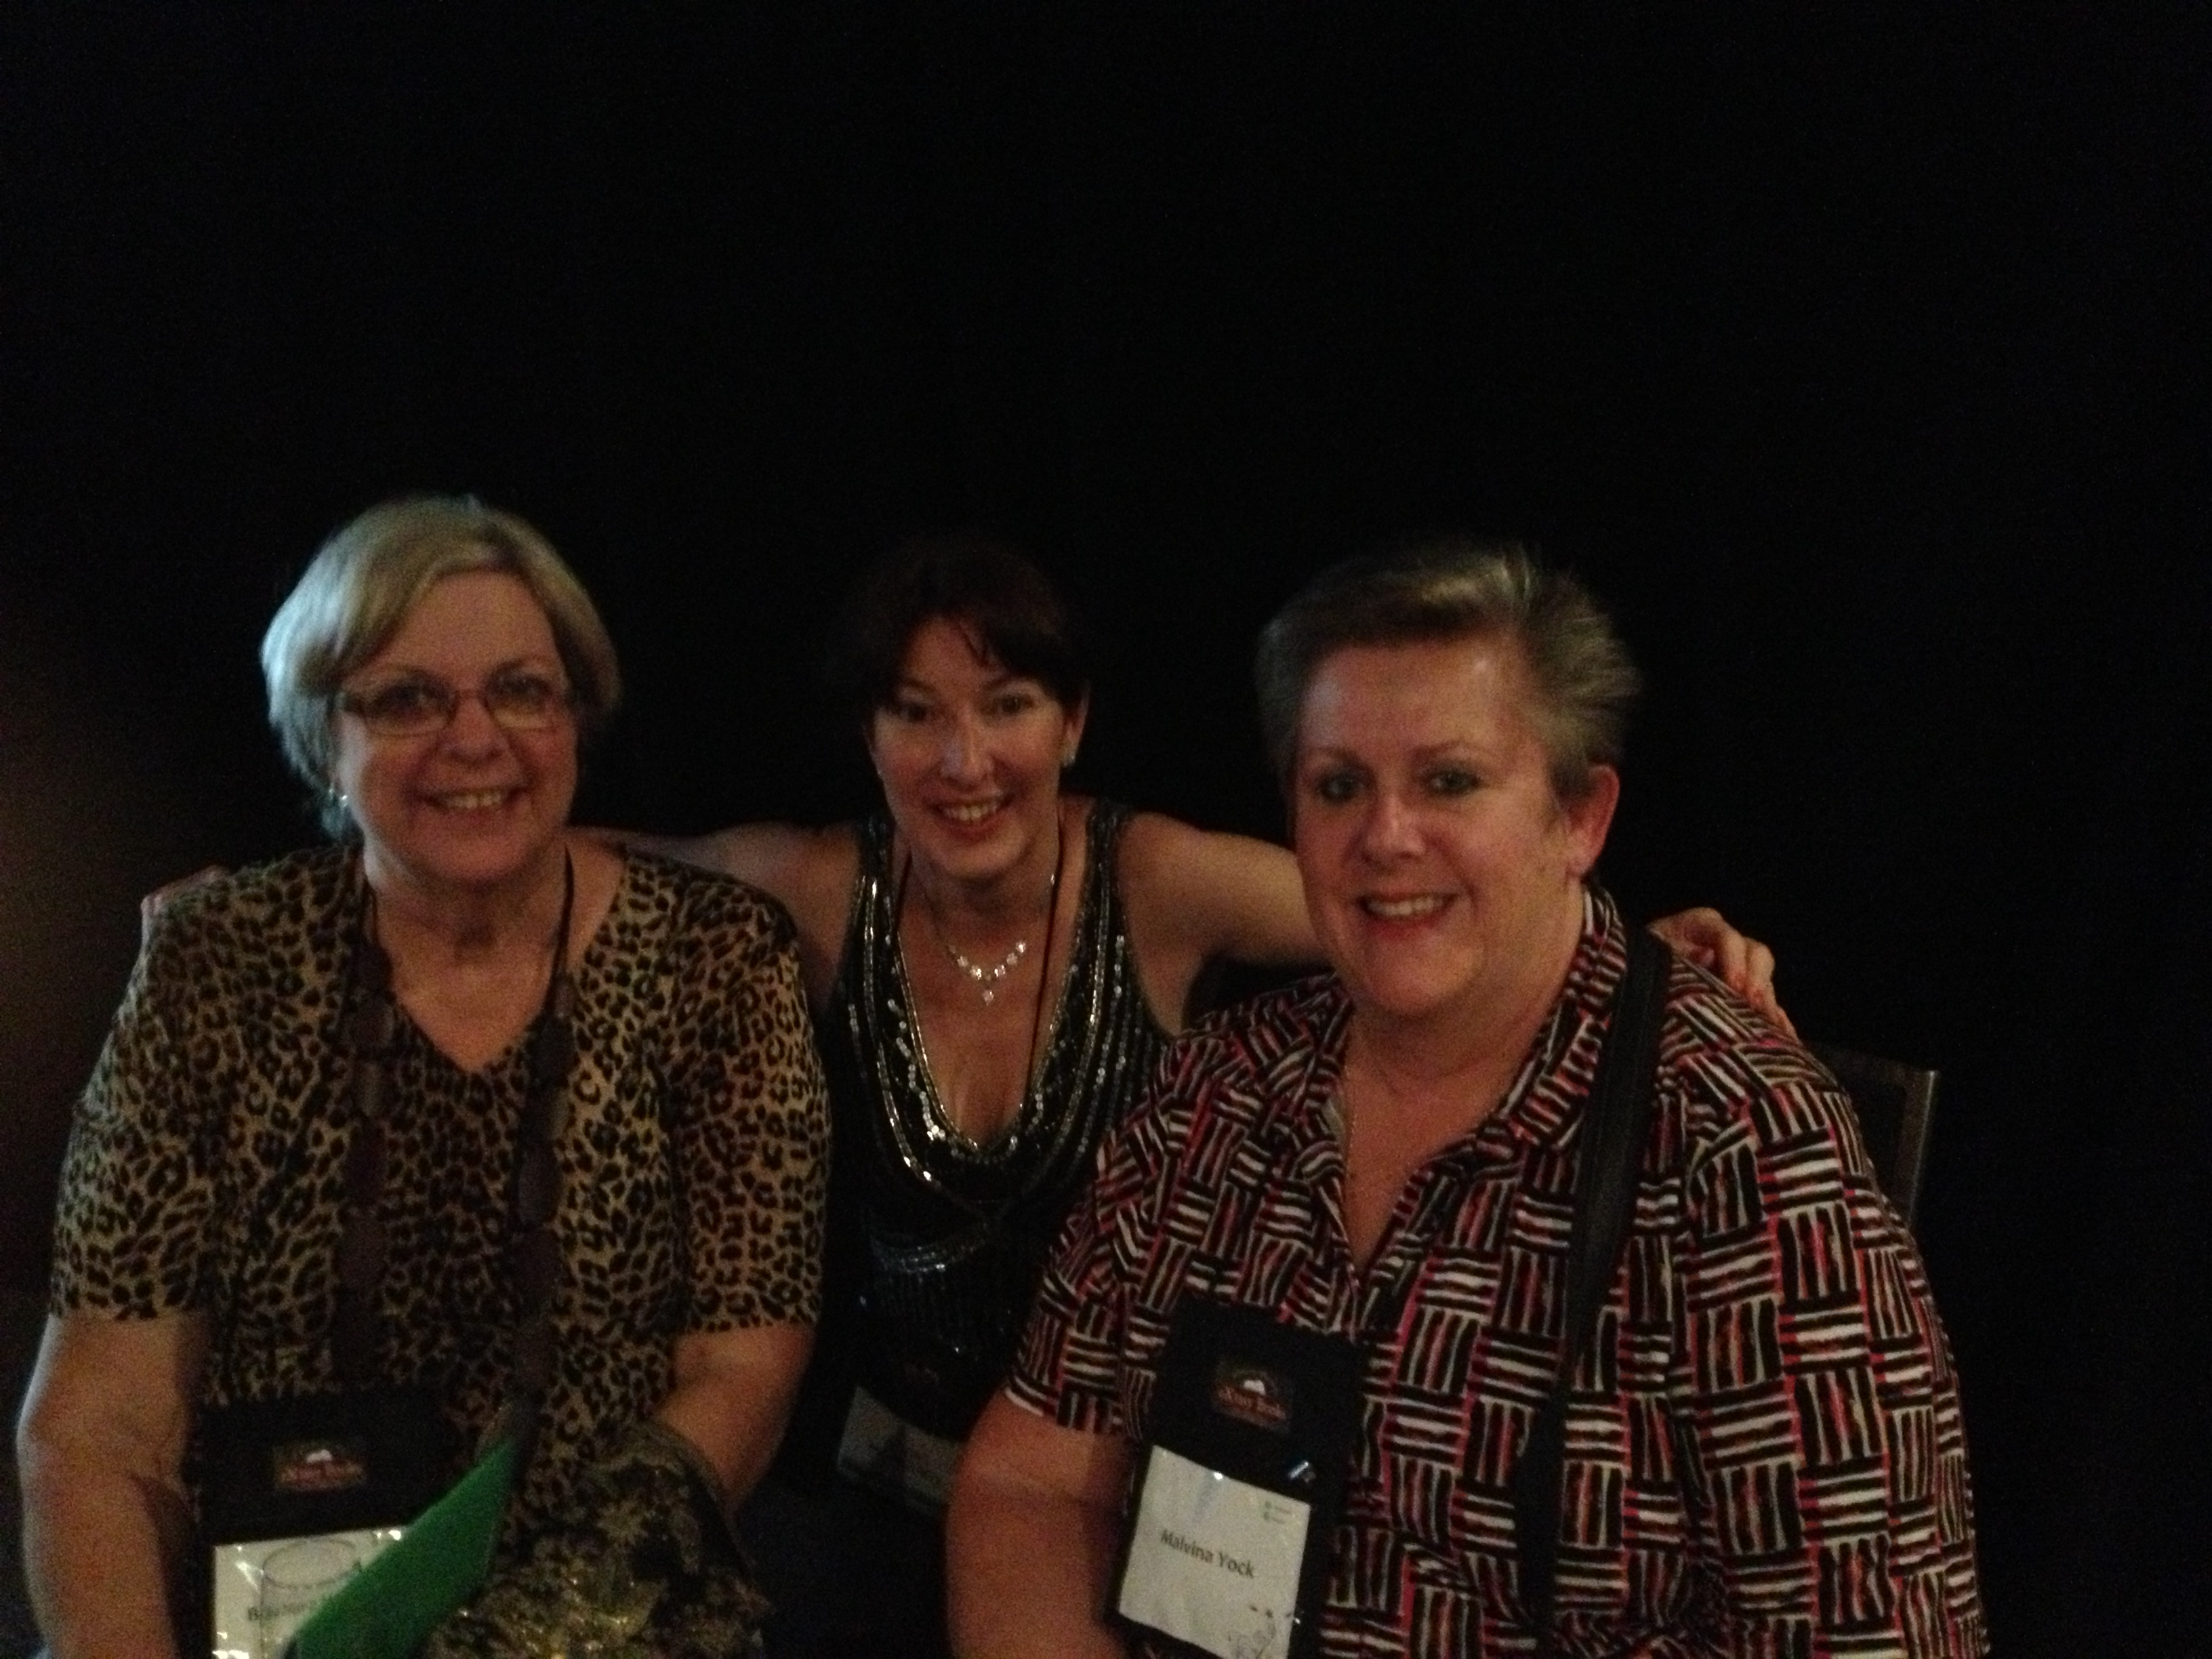 Alyssa J Montgomery, Barbara Hannay and Malvina Yock